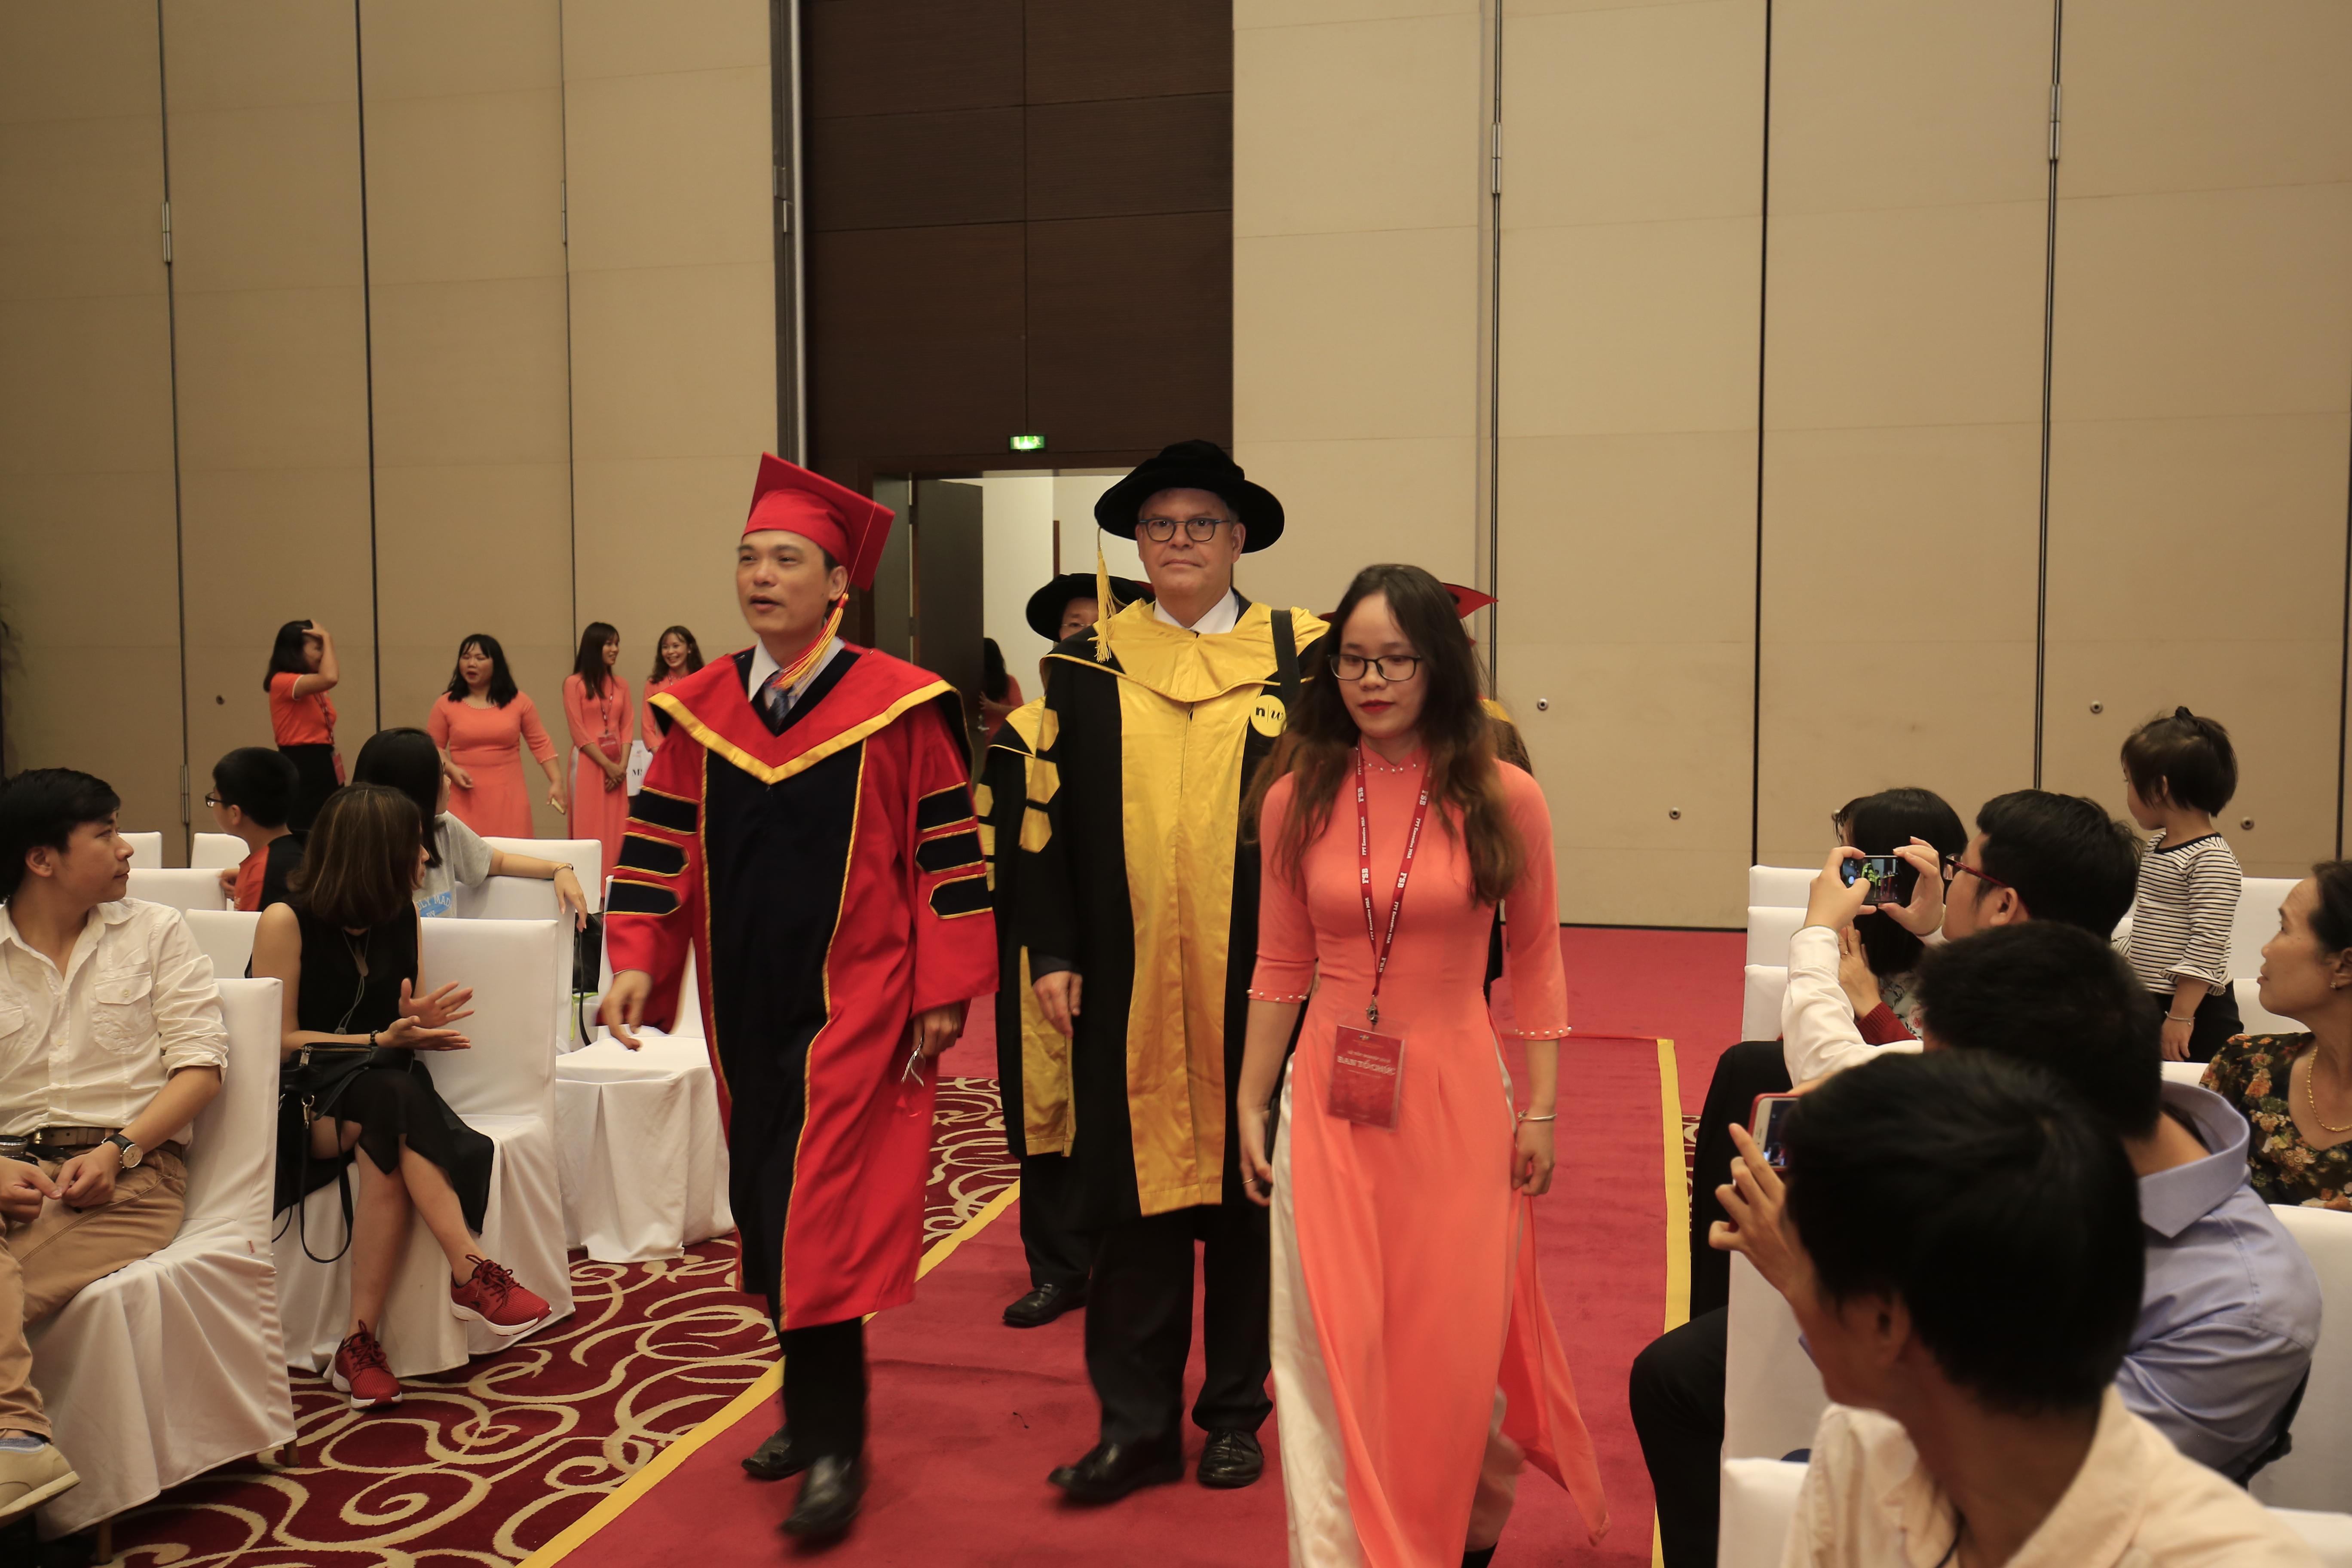 Buổi lễ tốt nghiệp có sự hiện diện của TS. Nguyễn Việt Thắng, Viện trưởng Viện Quản trị & Công nghệ FSB (áo đỏ đen);ông Dieter Reineke (áo vàng đen), ĐH Khoa học Ứng dụng và Công nghệ North Western (Thụy Sĩ) cùng các thầy cô giáo là giảng viên của FSB.